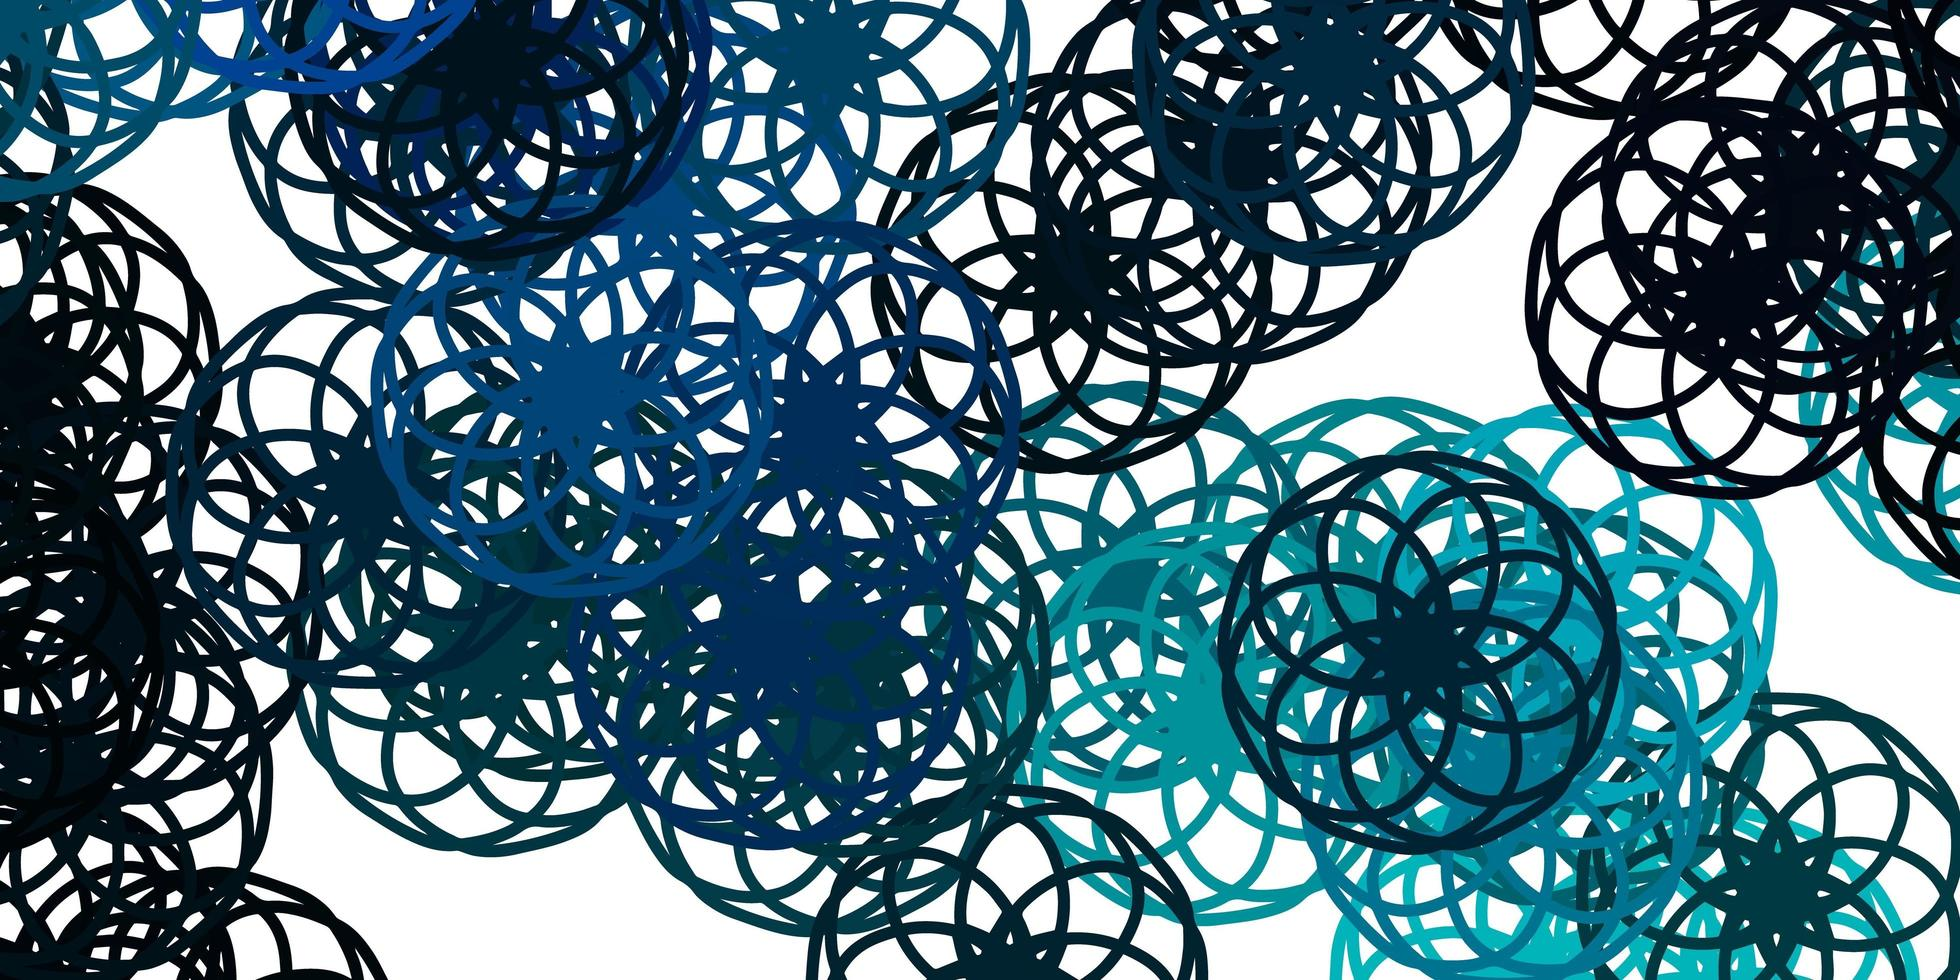 textura de vector azul claro, verde con discos